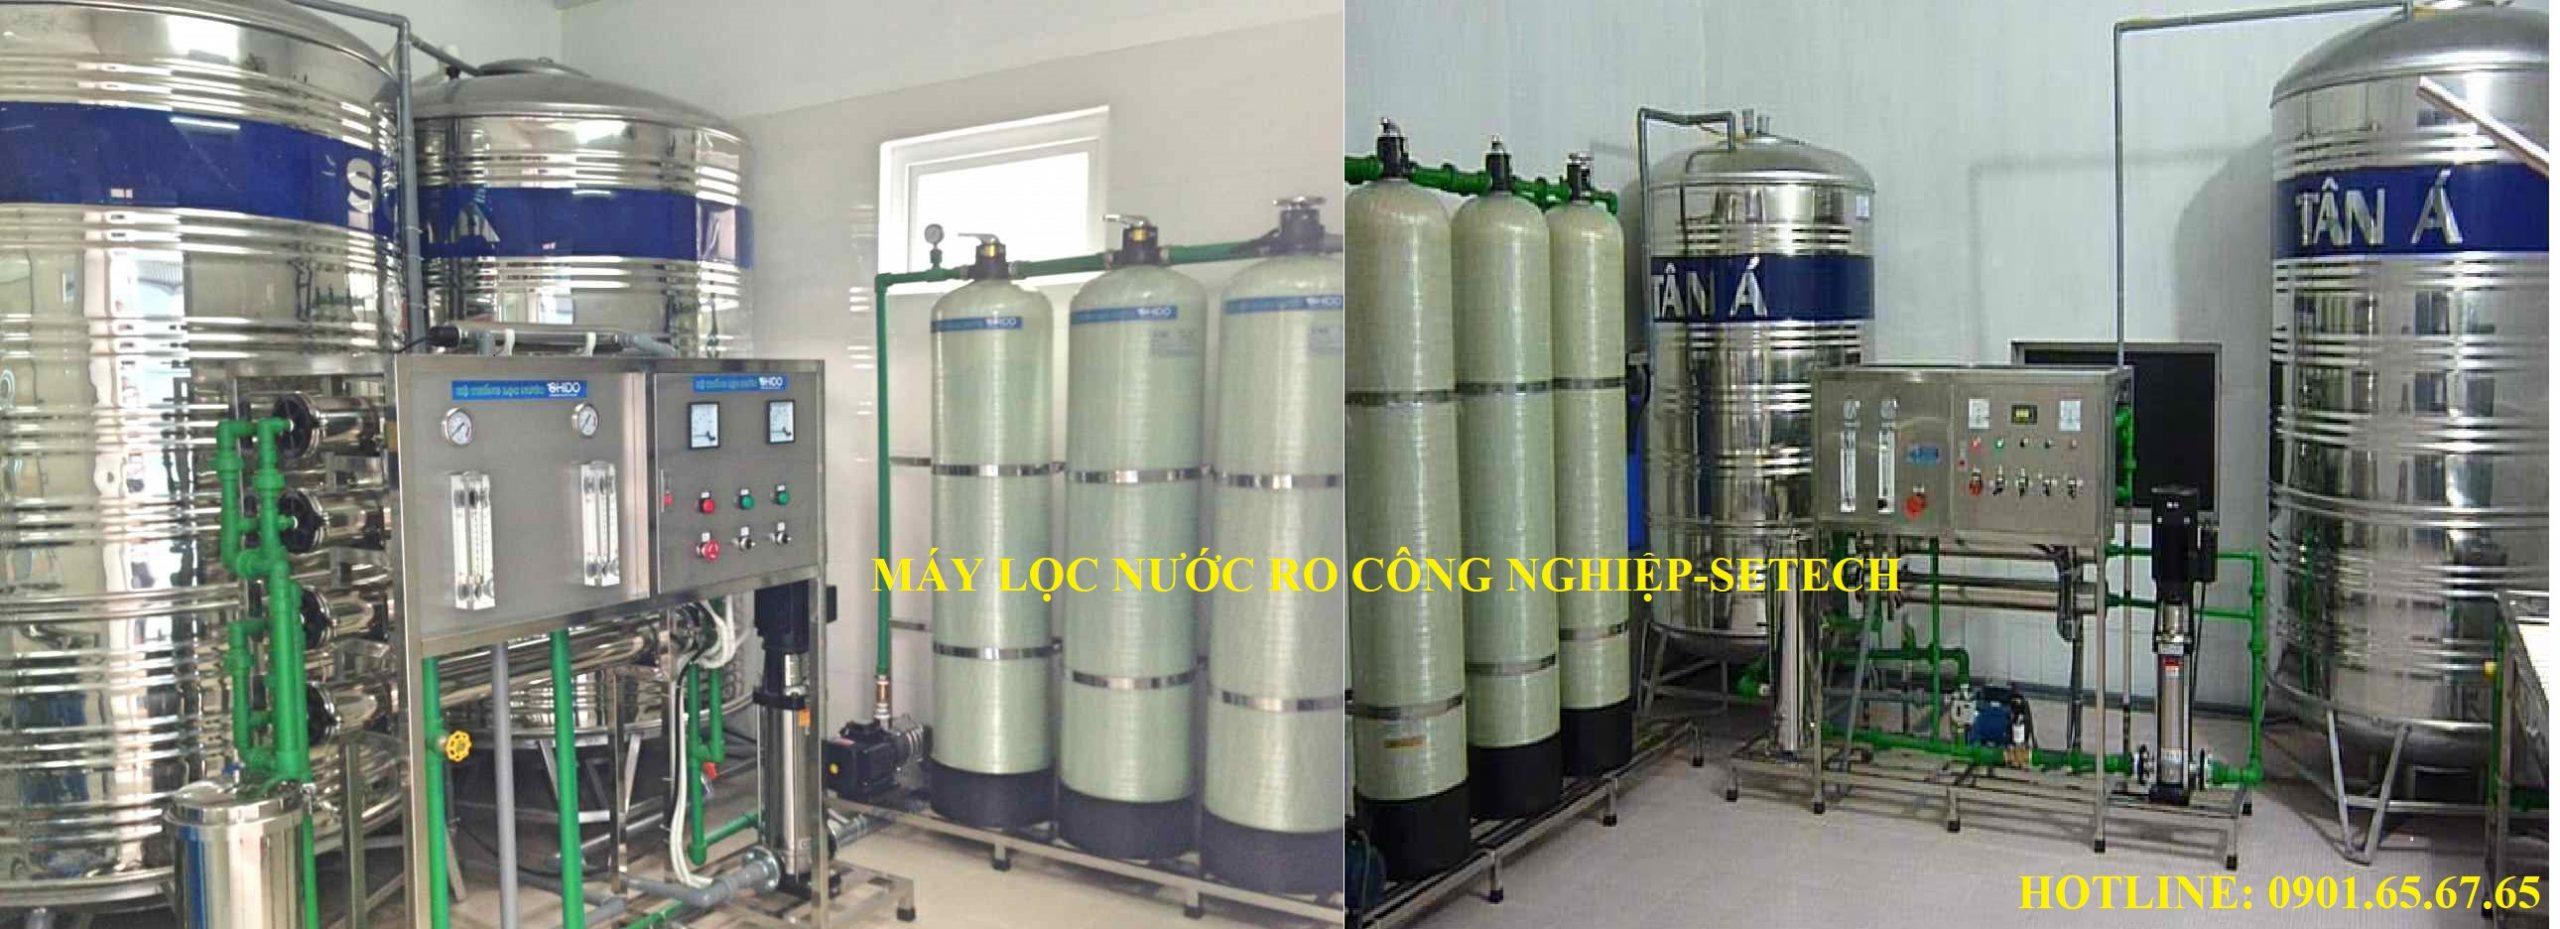 Máy lọc nước RO công nghiệp